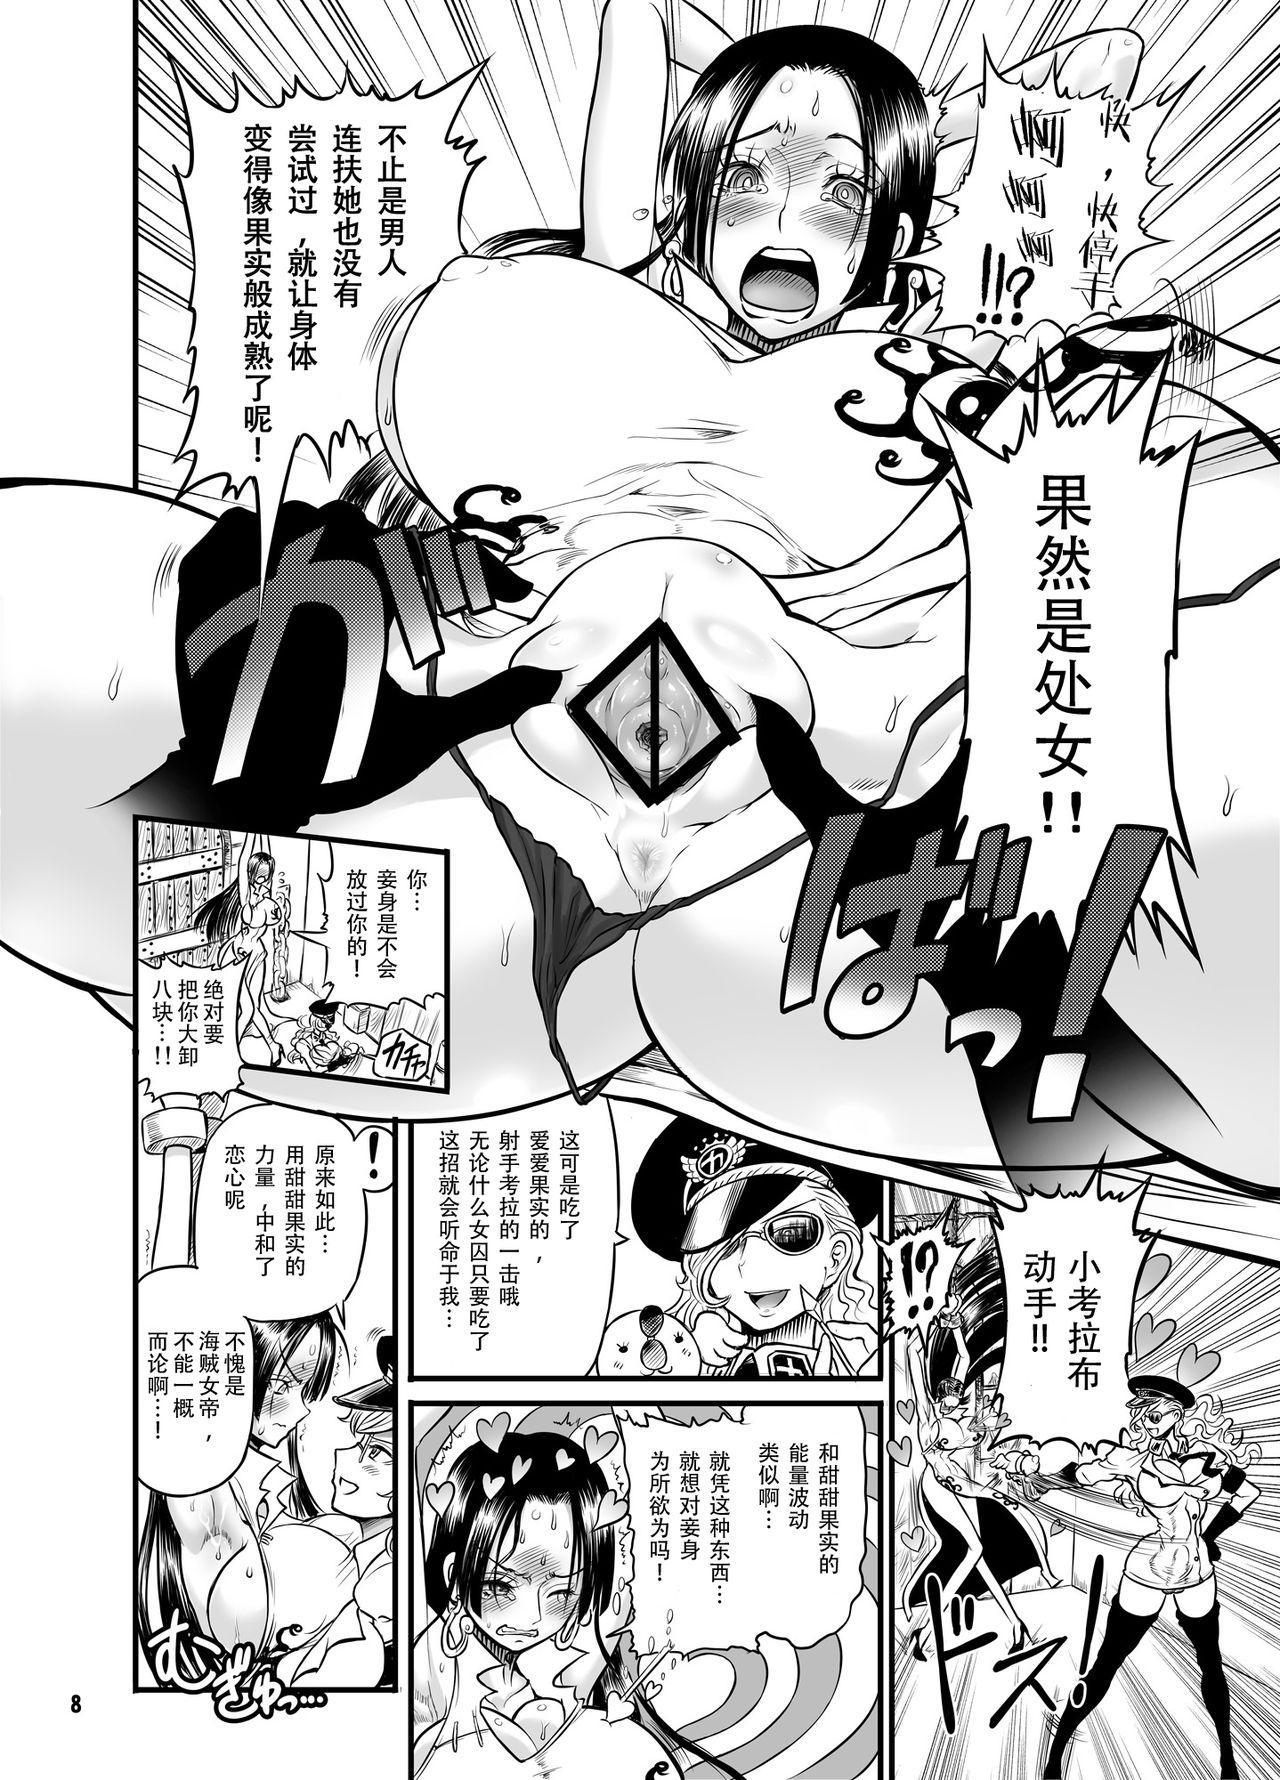 Midarezaki Kaizoku Jotei 7